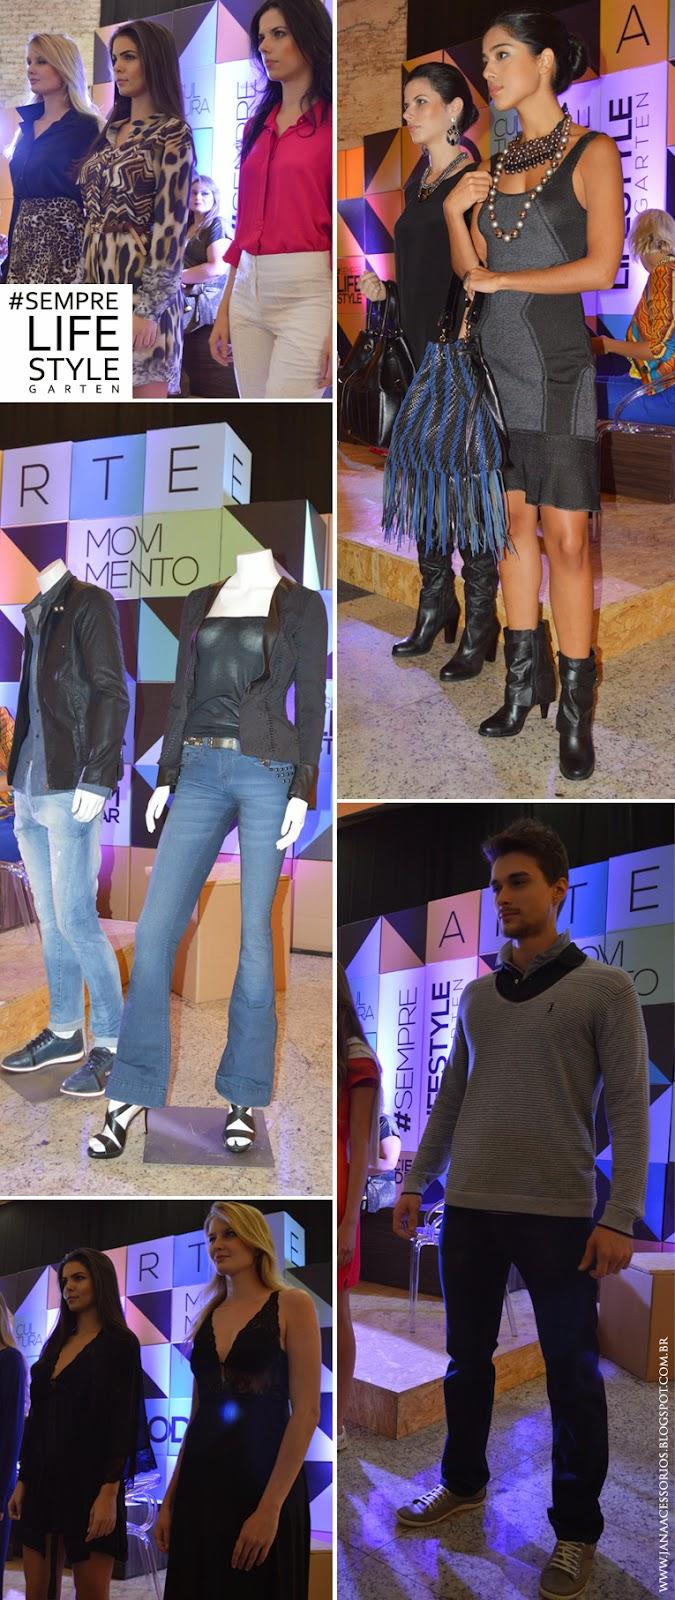 garten shopping, moda, estilo, blogueira, joinville, blogger,#semprelifestyle